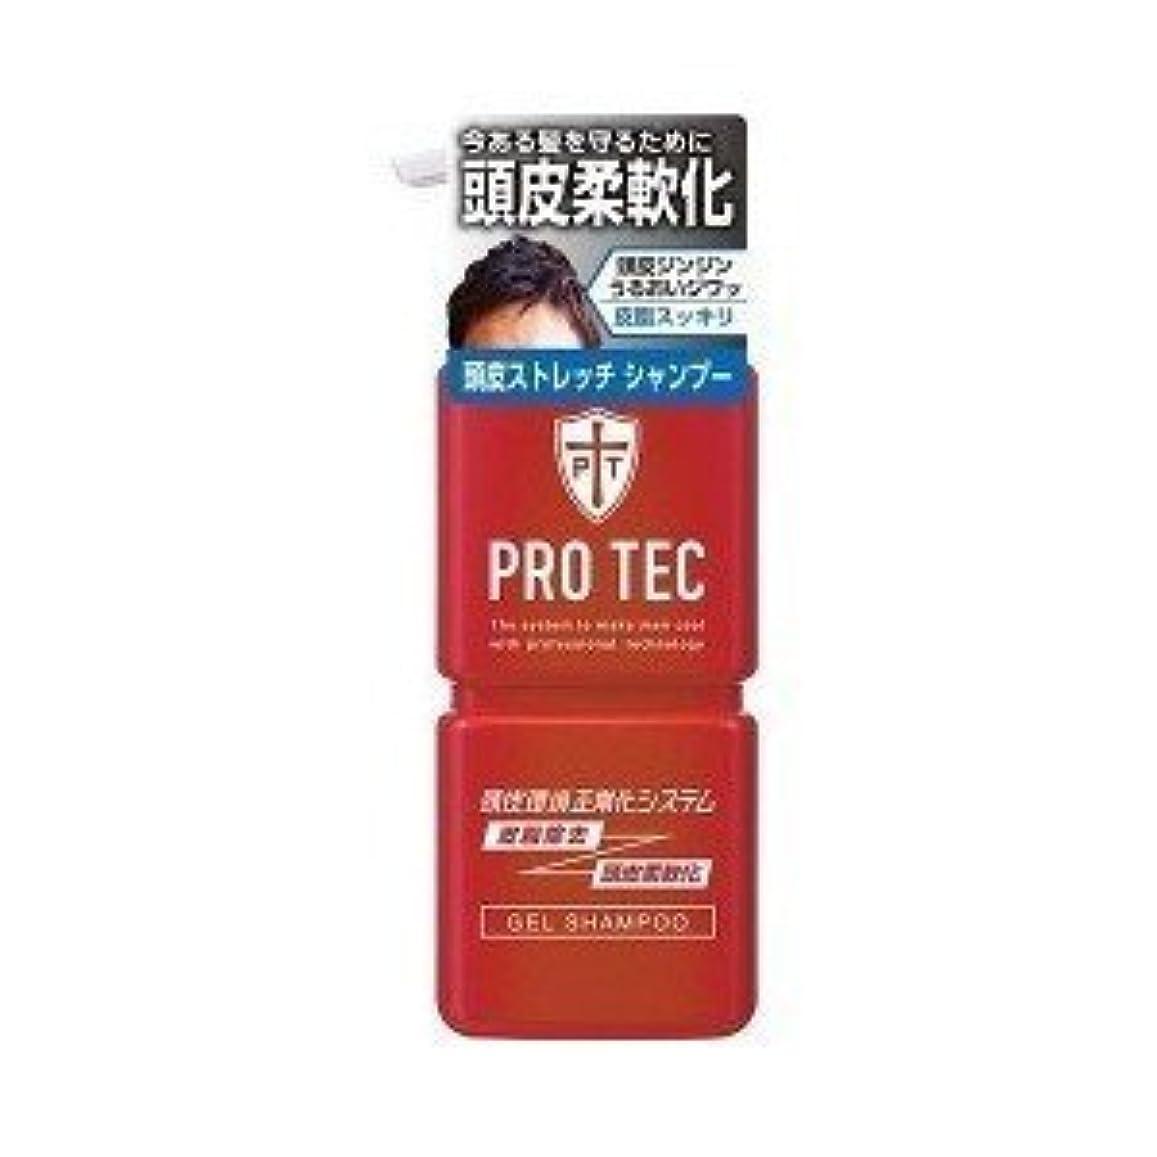 領事館安定した不利(ライオン)PRO TEC(プロテク) 頭皮ストレッチ シャンプー ポンプ 300g(医薬部外品)